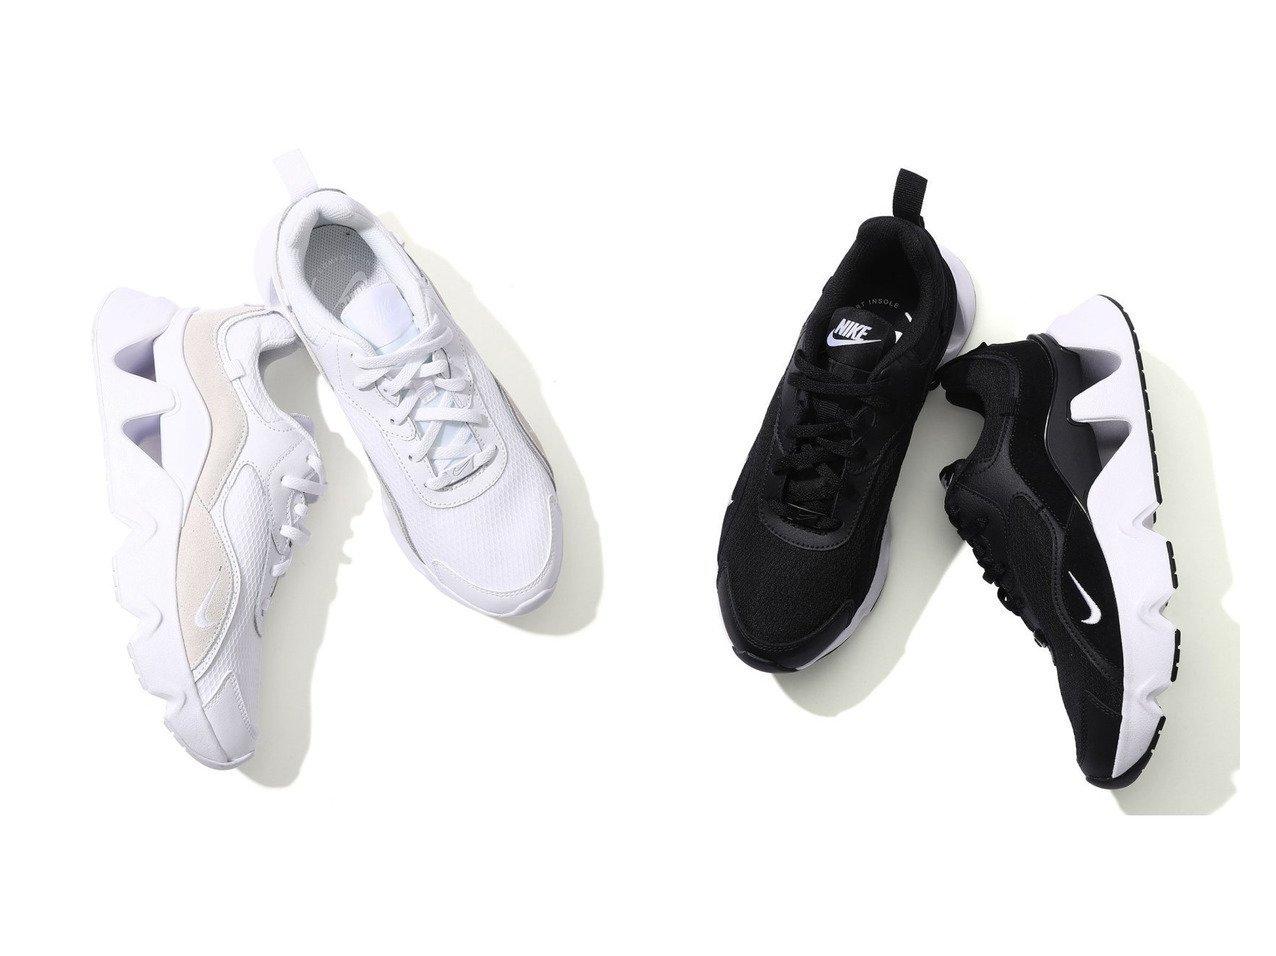 【Juze/ジュゼ】の【NIKE】WOMENS RYZ 365 【シューズ・靴】おすすめ!人気、トレンド・レディースファッションの通販  おすすめで人気の流行・トレンド、ファッションの通販商品 メンズファッション・キッズファッション・インテリア・家具・レディースファッション・服の通販 founy(ファニー) https://founy.com/ ファッション Fashion レディースファッション WOMEN クッション クラシック シューズ スエード スタイリッシュ スニーカー スリッポン バランス プレート メッシュ モノトーン おすすめ Recommend |ID:crp329100000025516